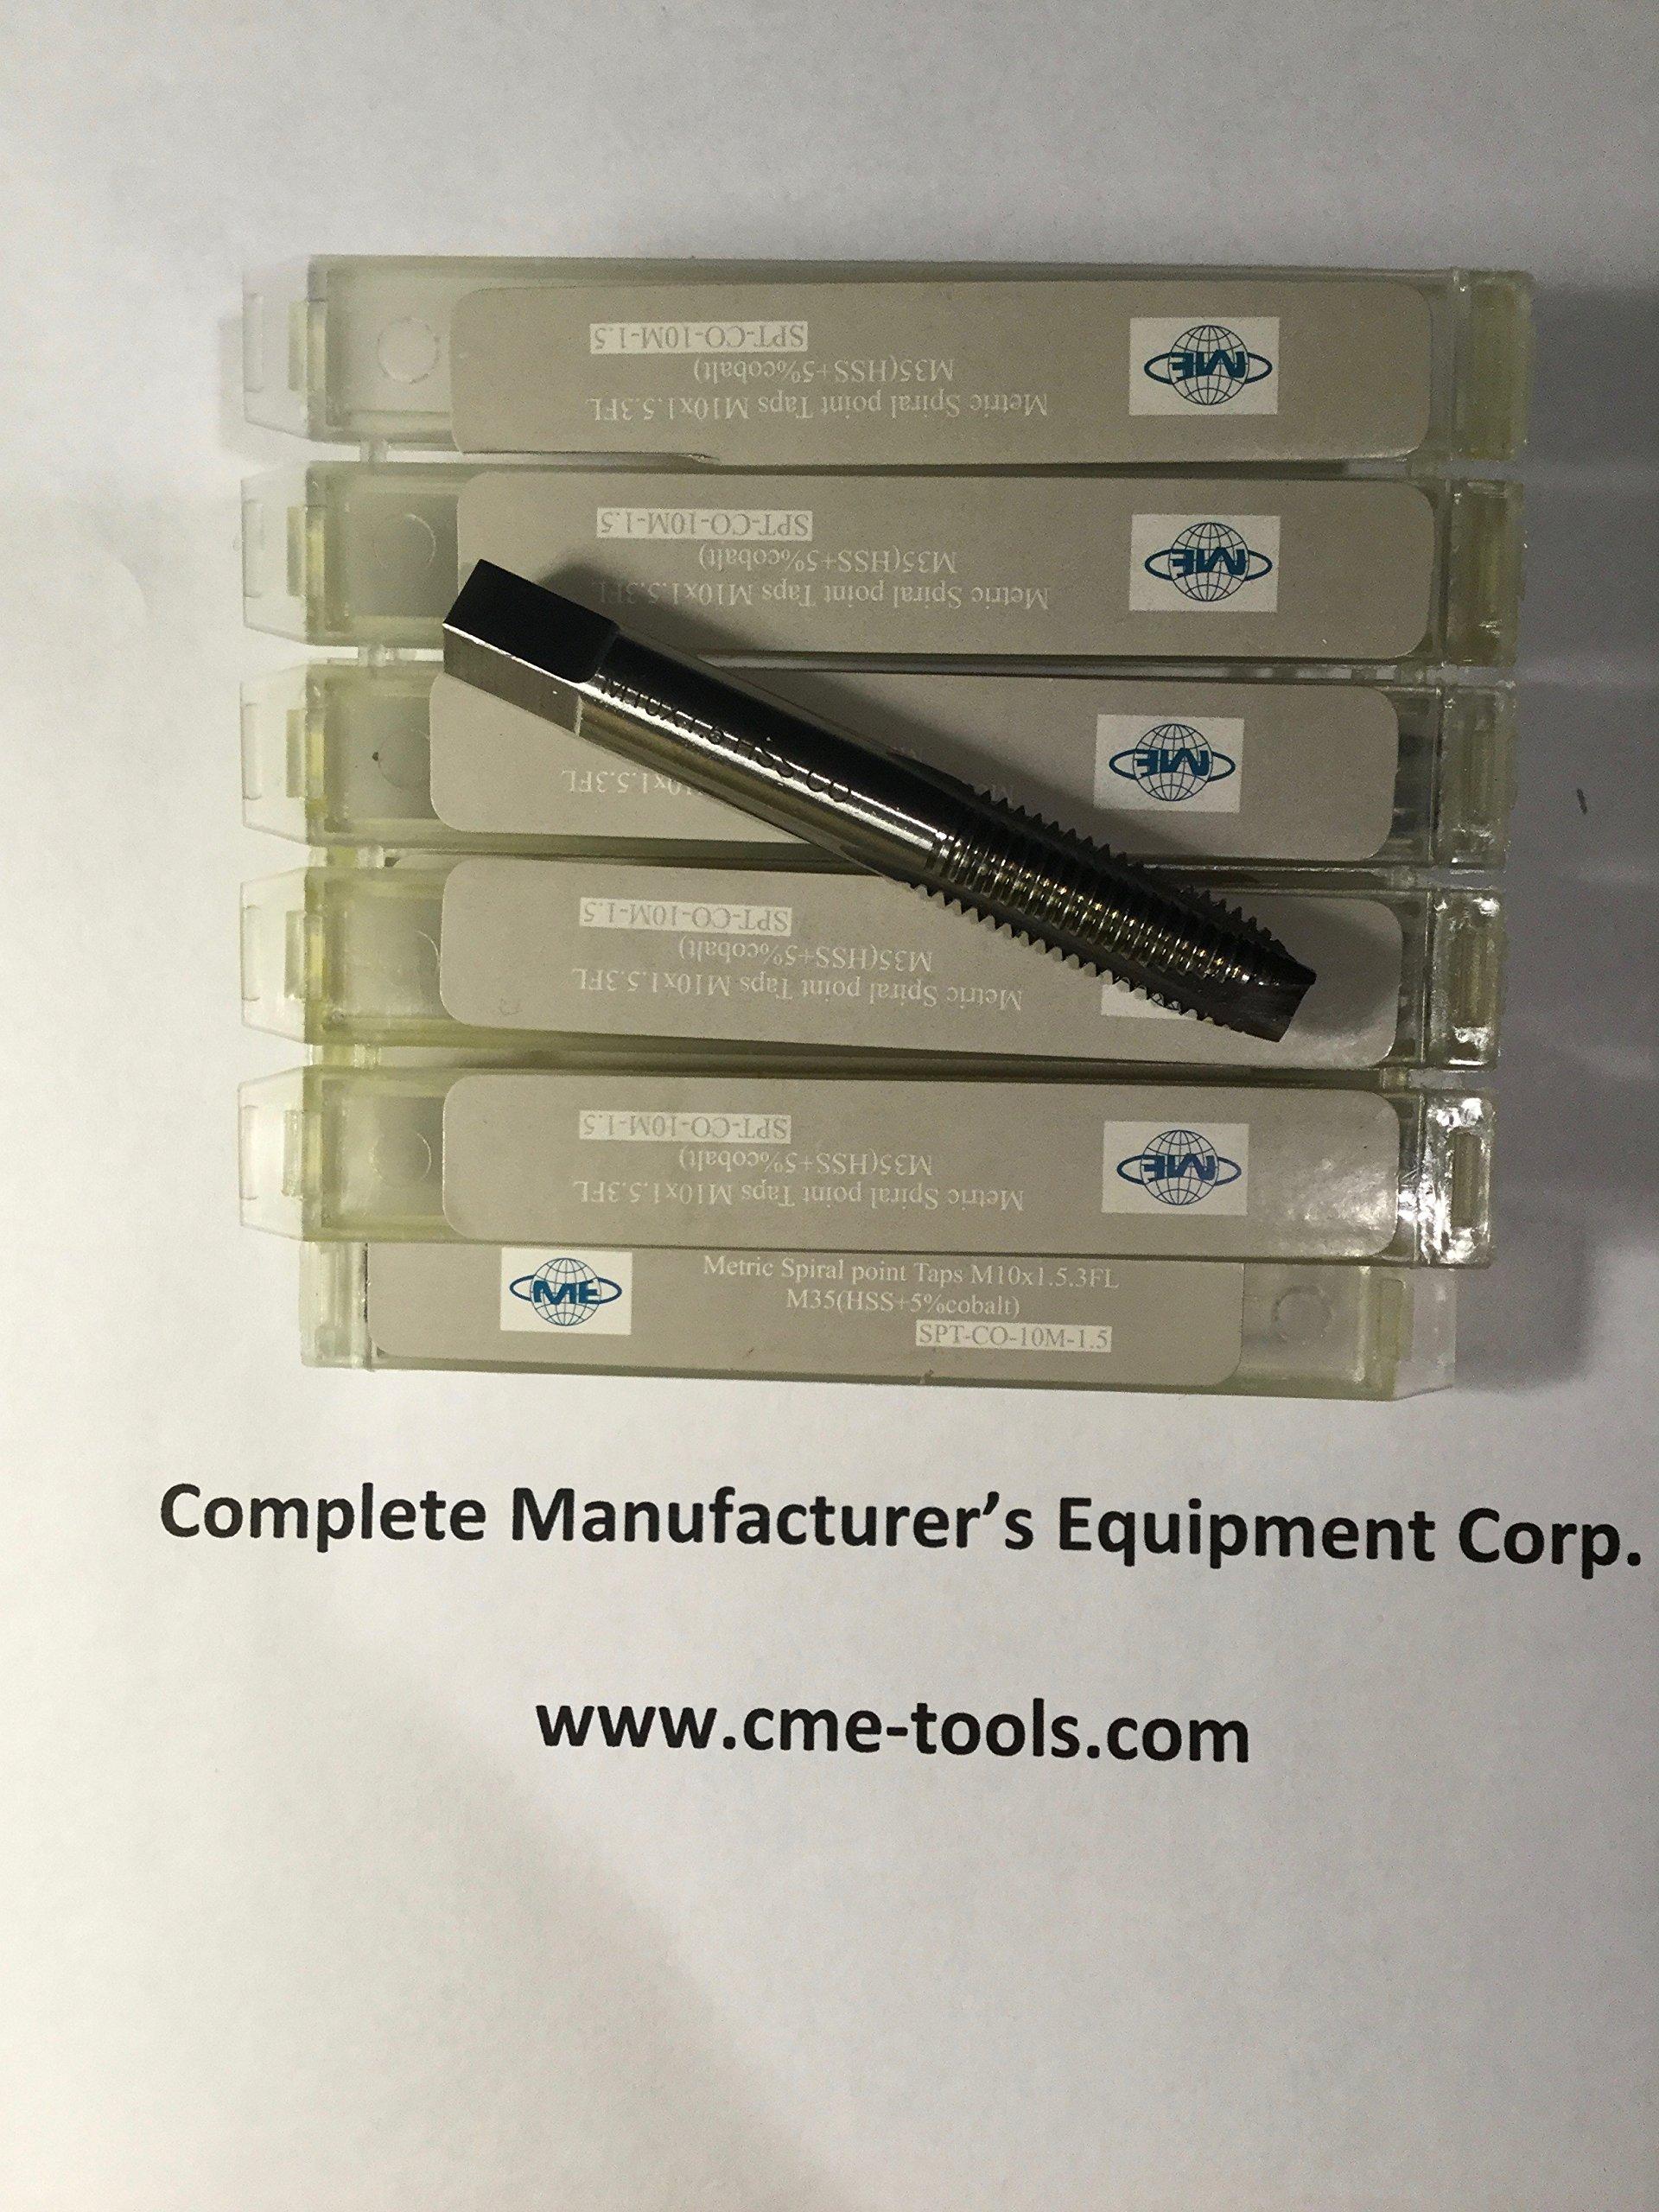 10 pcs Metric Spiral Point Taps M10x1.5 - 10mm x 1.5mm - M35 (HSS+5% cobalt) - 3 flute